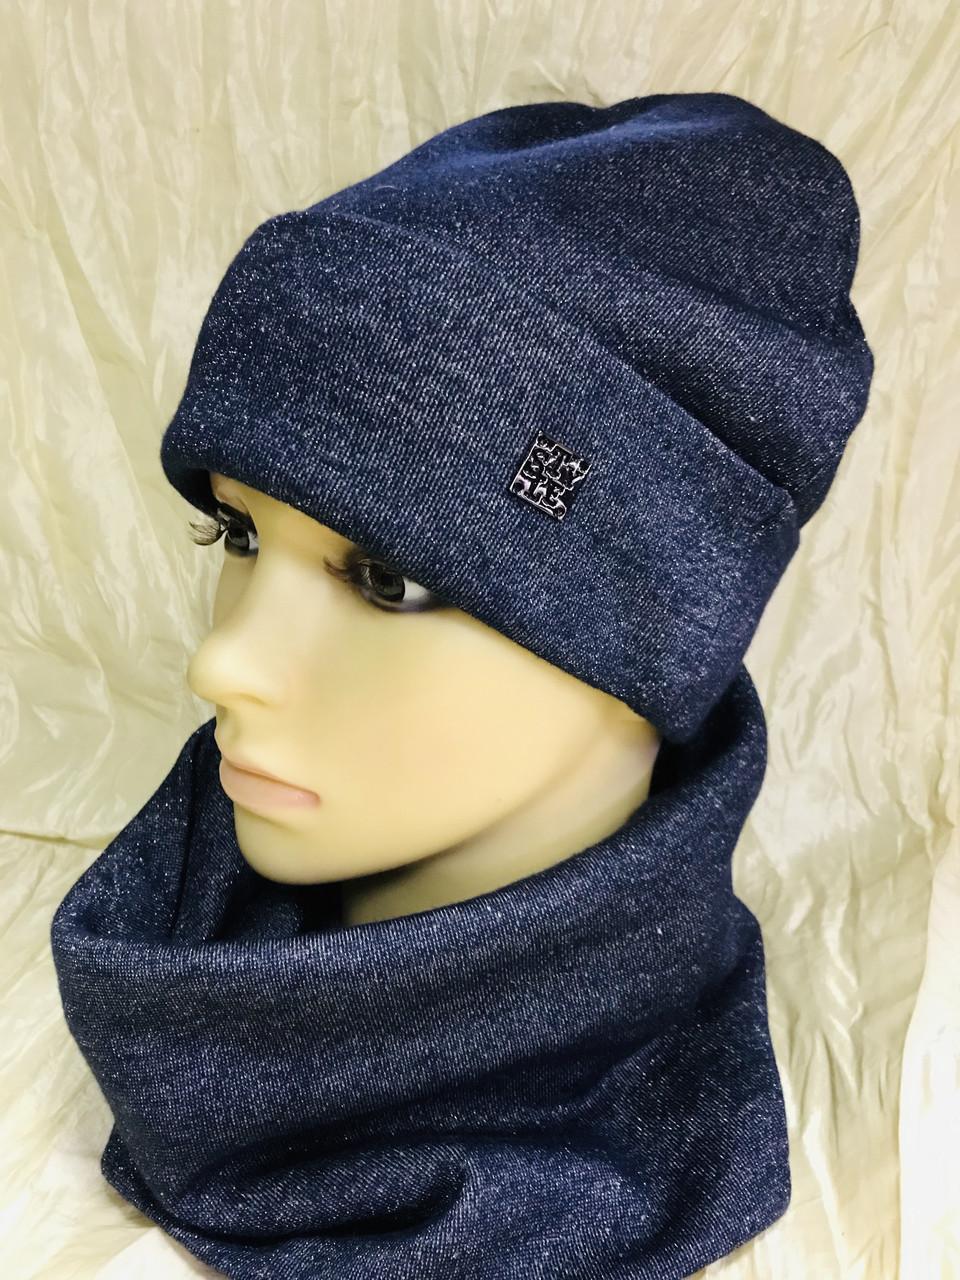 Синий молодежный комплект с отворотом шапка + бафф на флисе